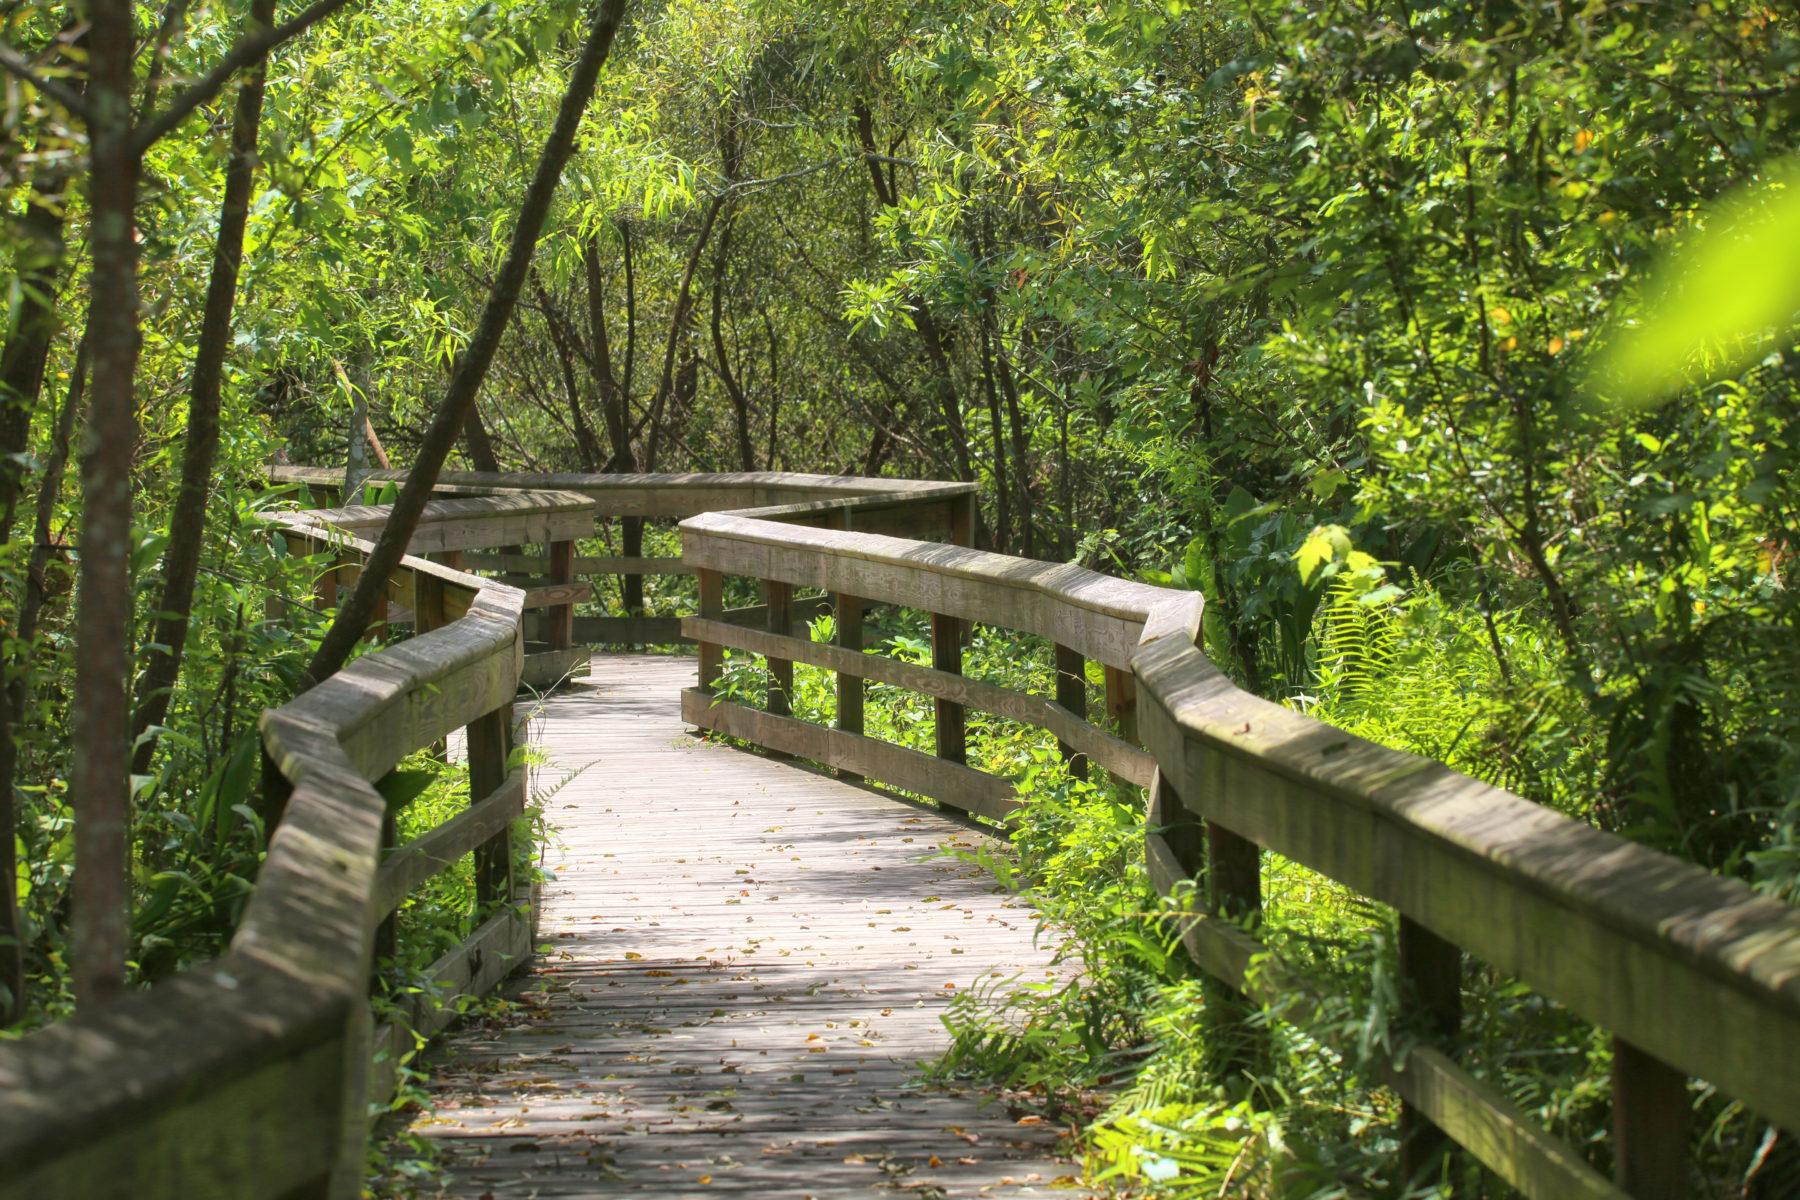 Orlando's Botanical Gardens